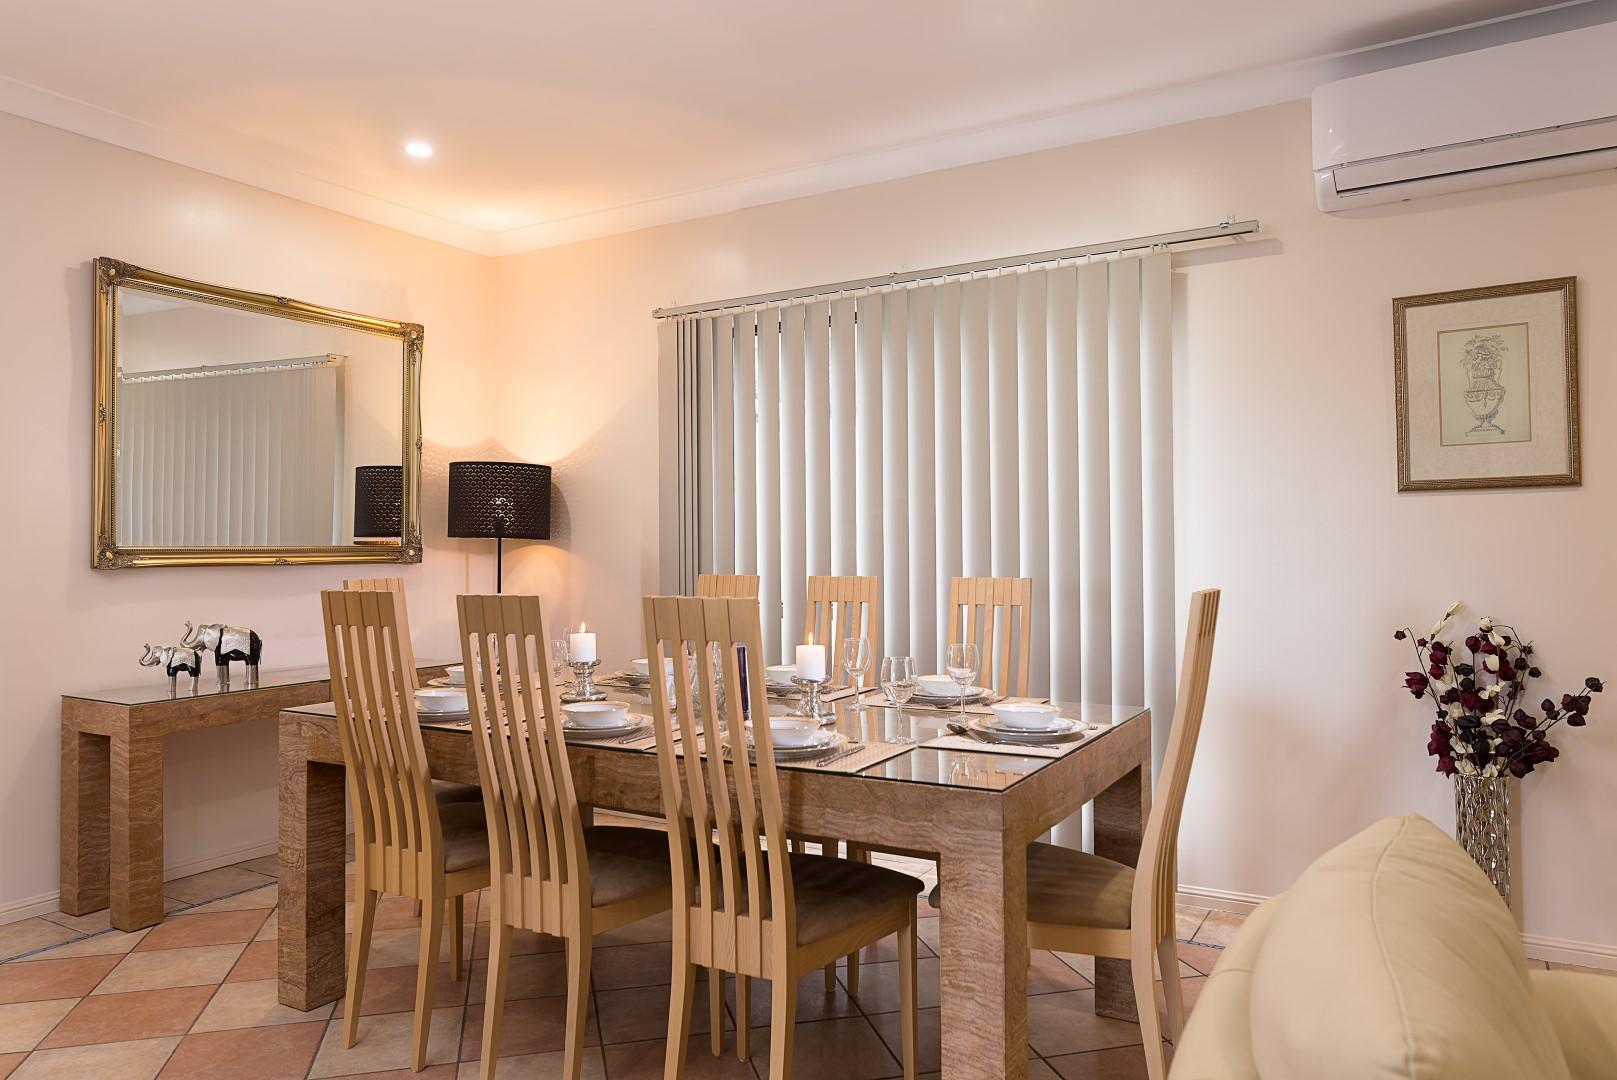 Jacaranda_Cottages_Maleny_Holiday_House_Dining